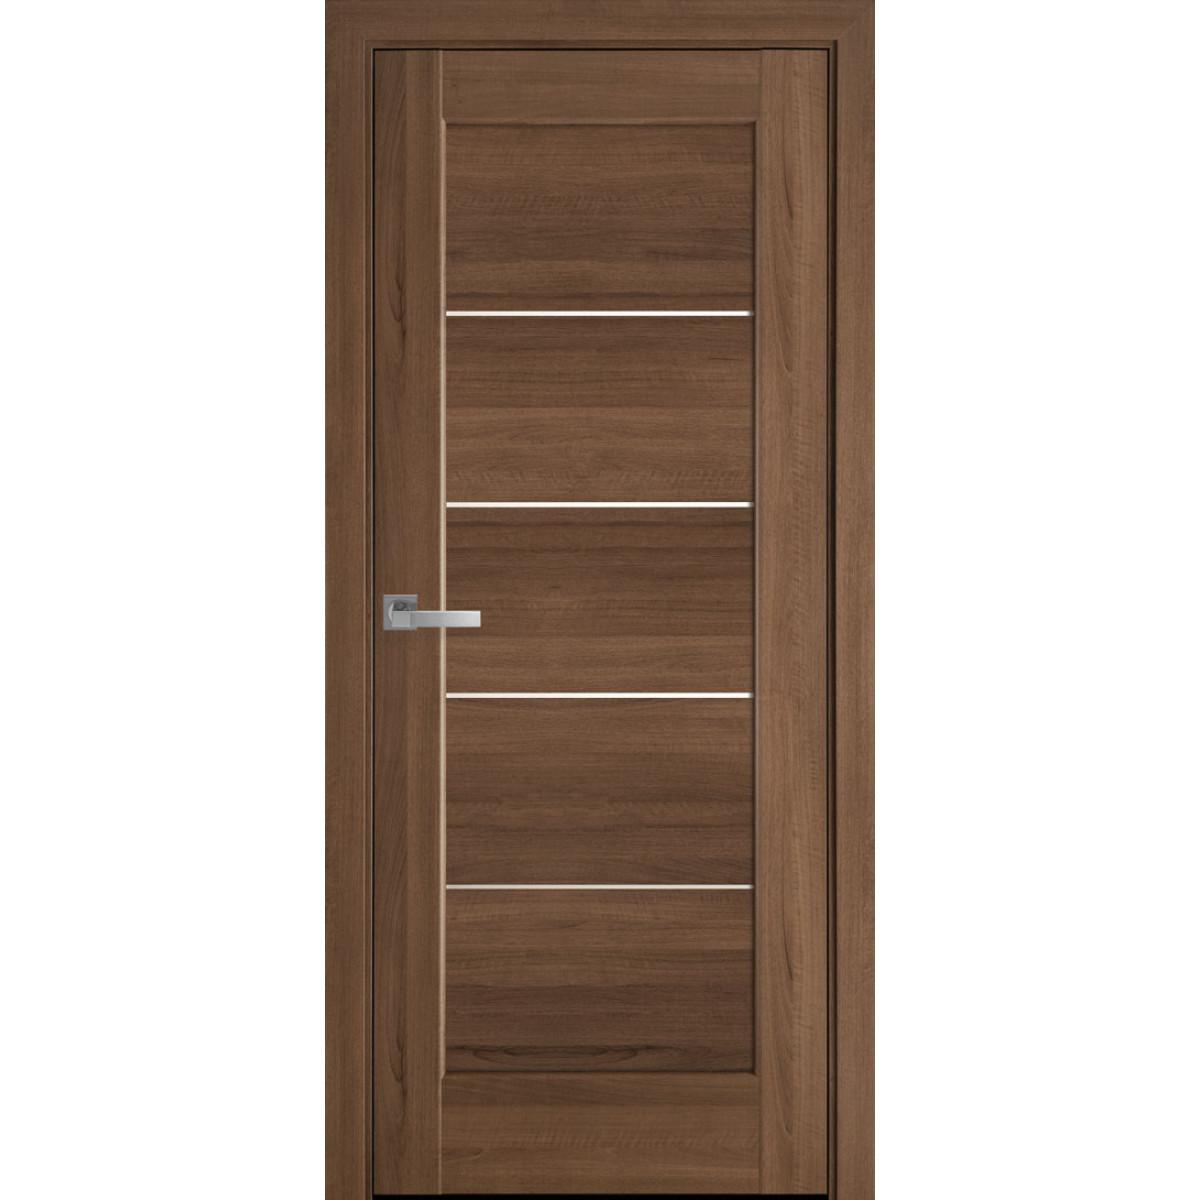 Межкомнатная дверь Мира золотая ольха ПВХ Новый стиль